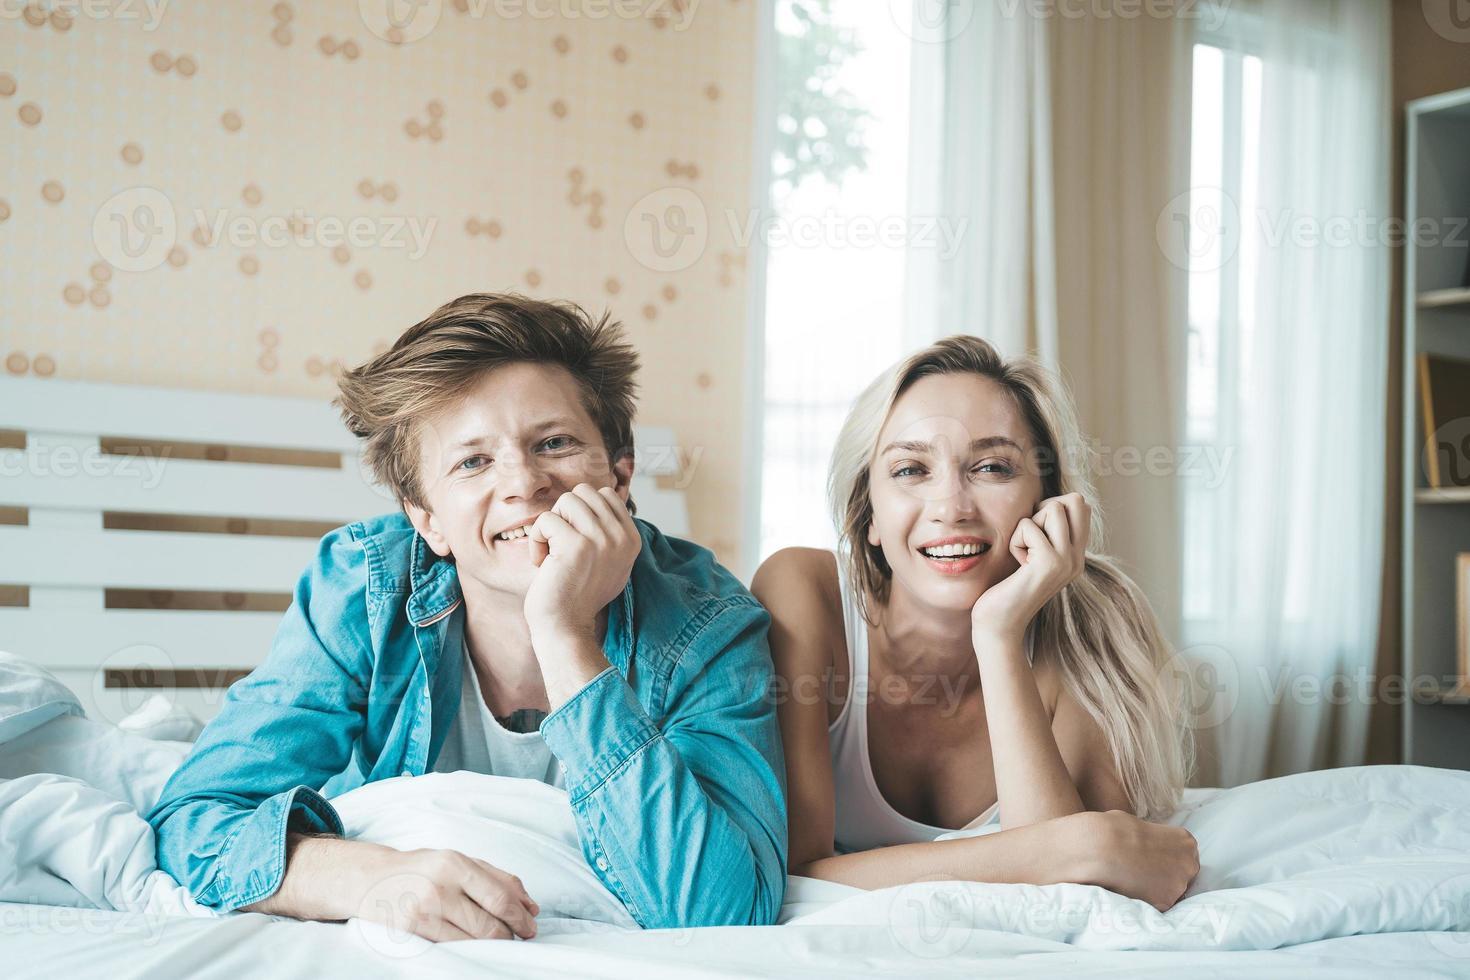 glückliches Paar zusammen im Schlafzimmer foto